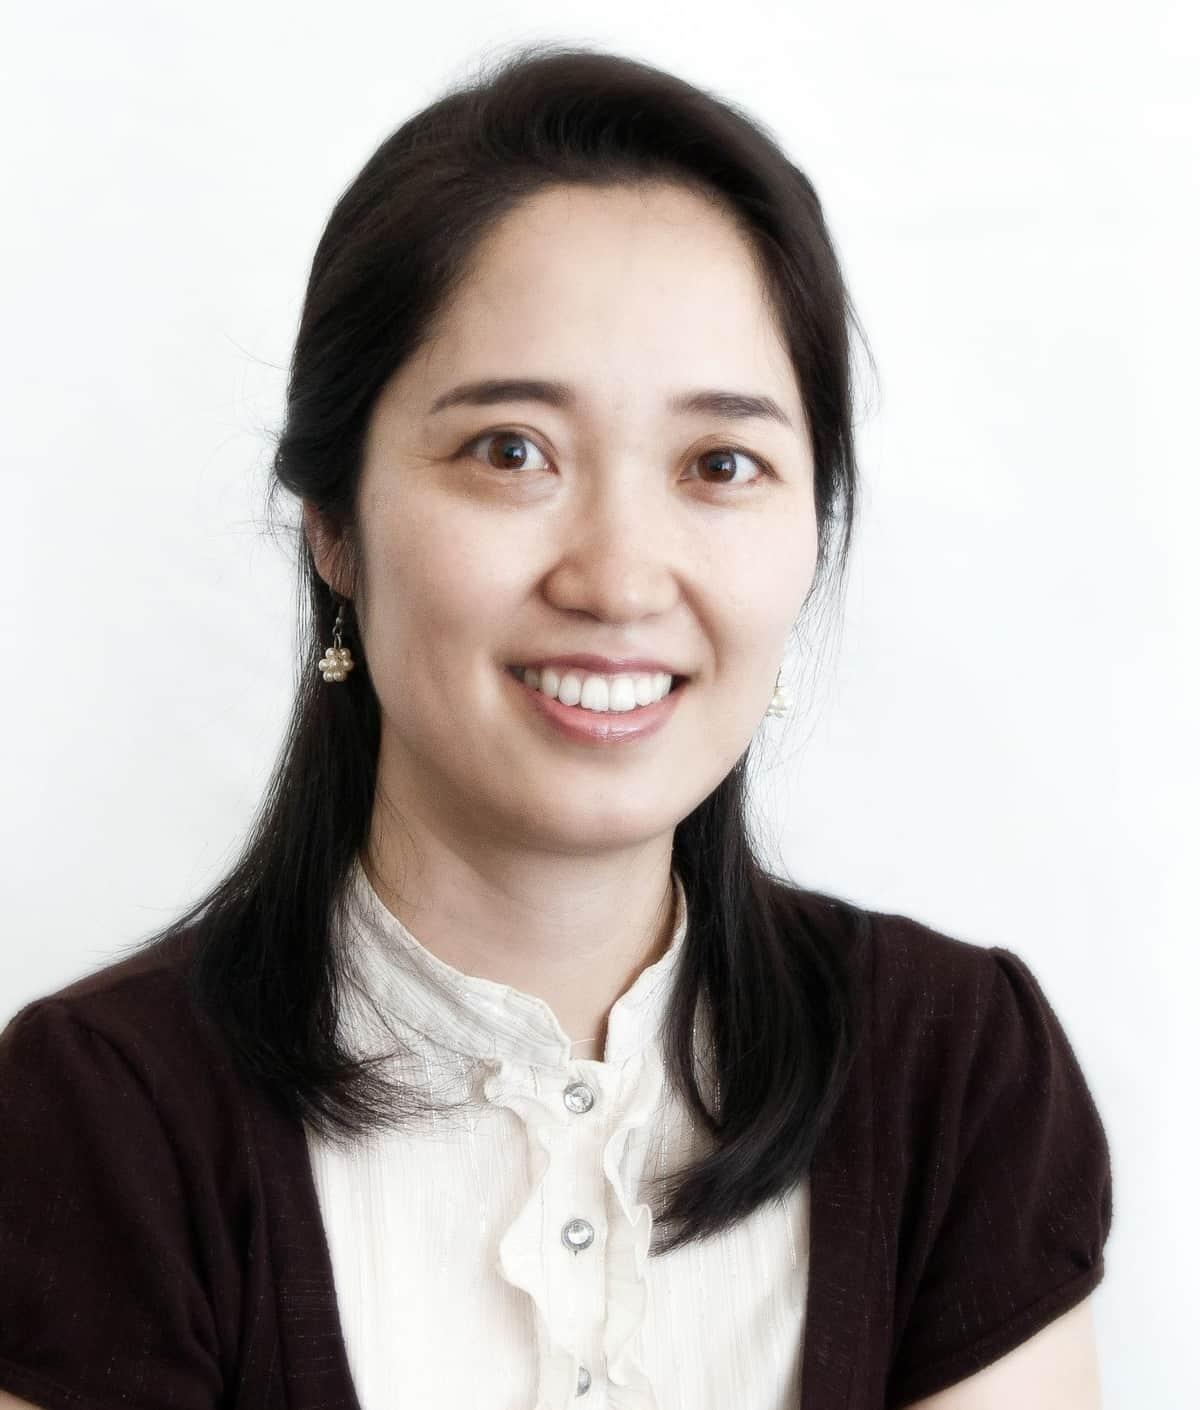 Jung Sim Jun